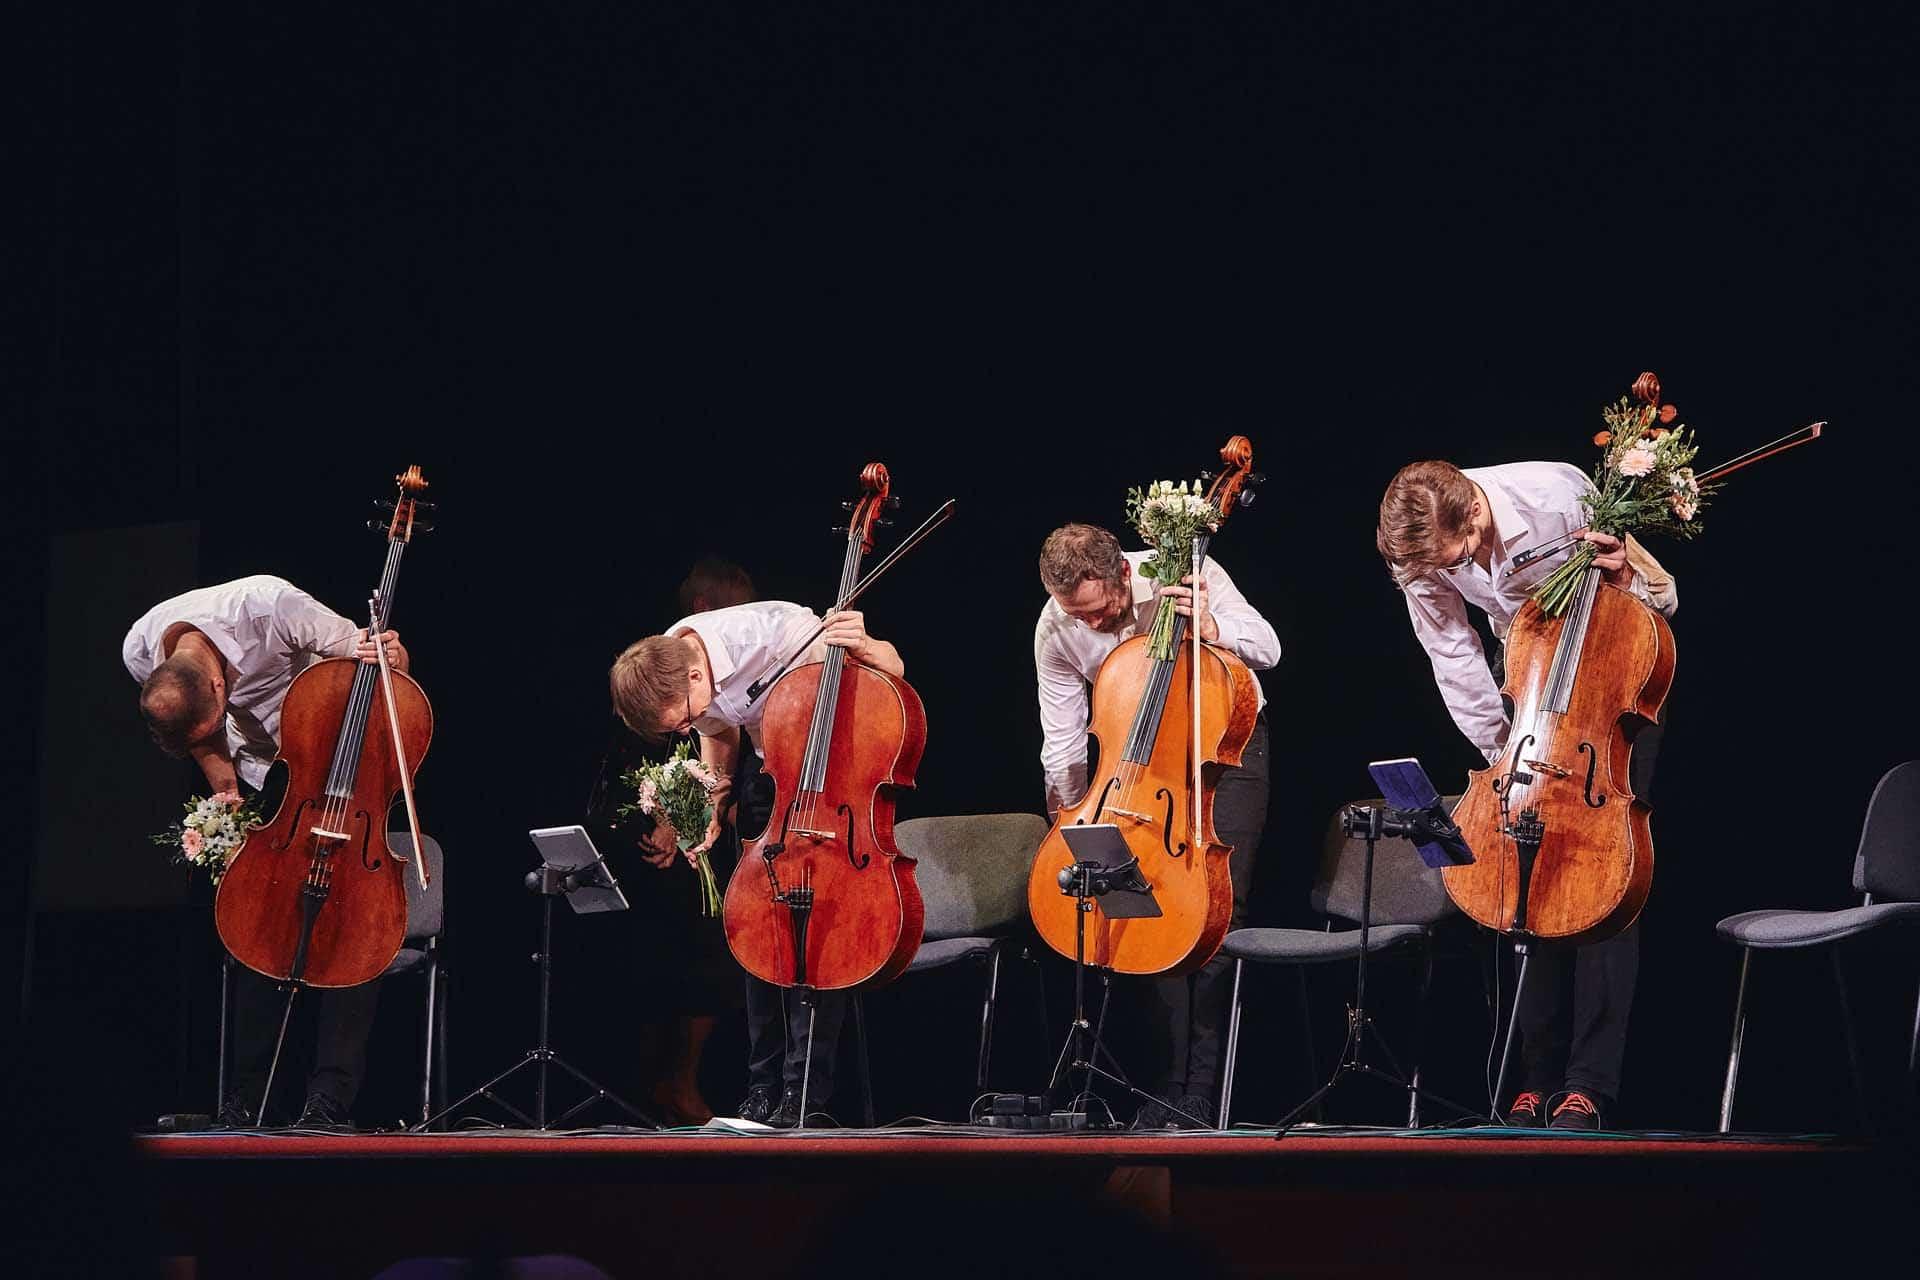 Prague Cello Quartet - Jičín 2019